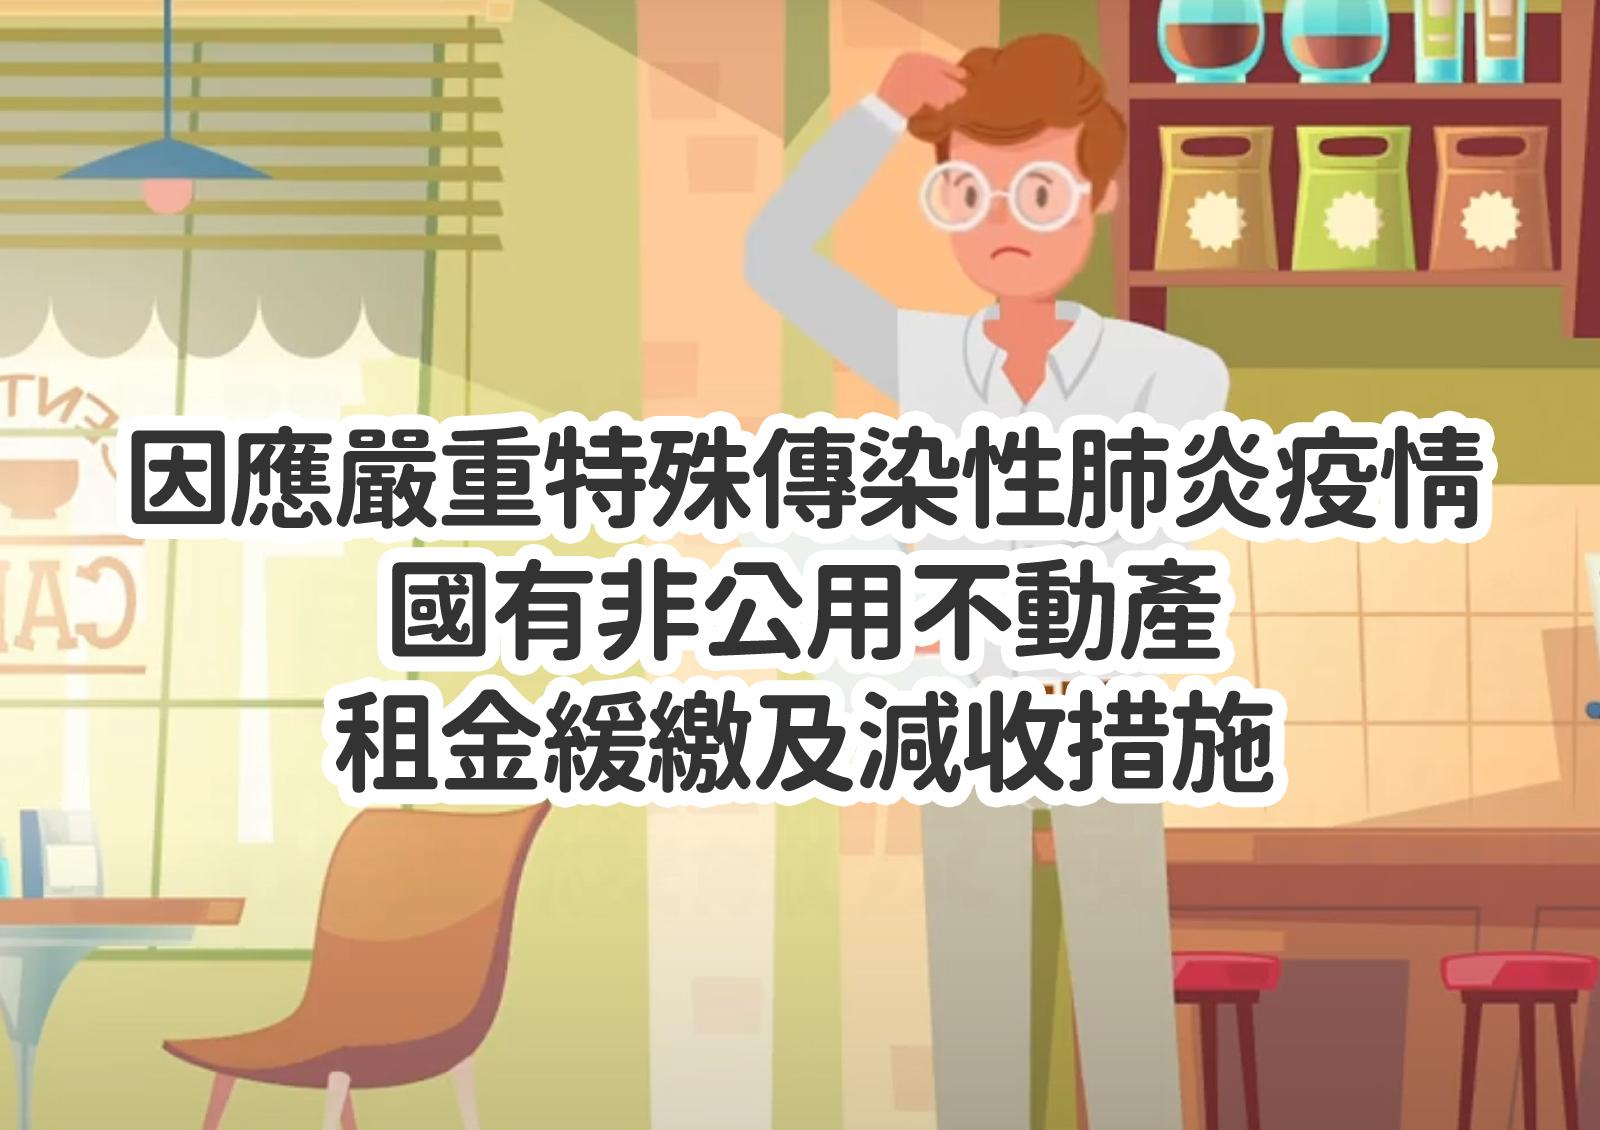 因應嚴重特殊傳染性肺炎疫情國有非公用不動產租金緩繳及減收措施